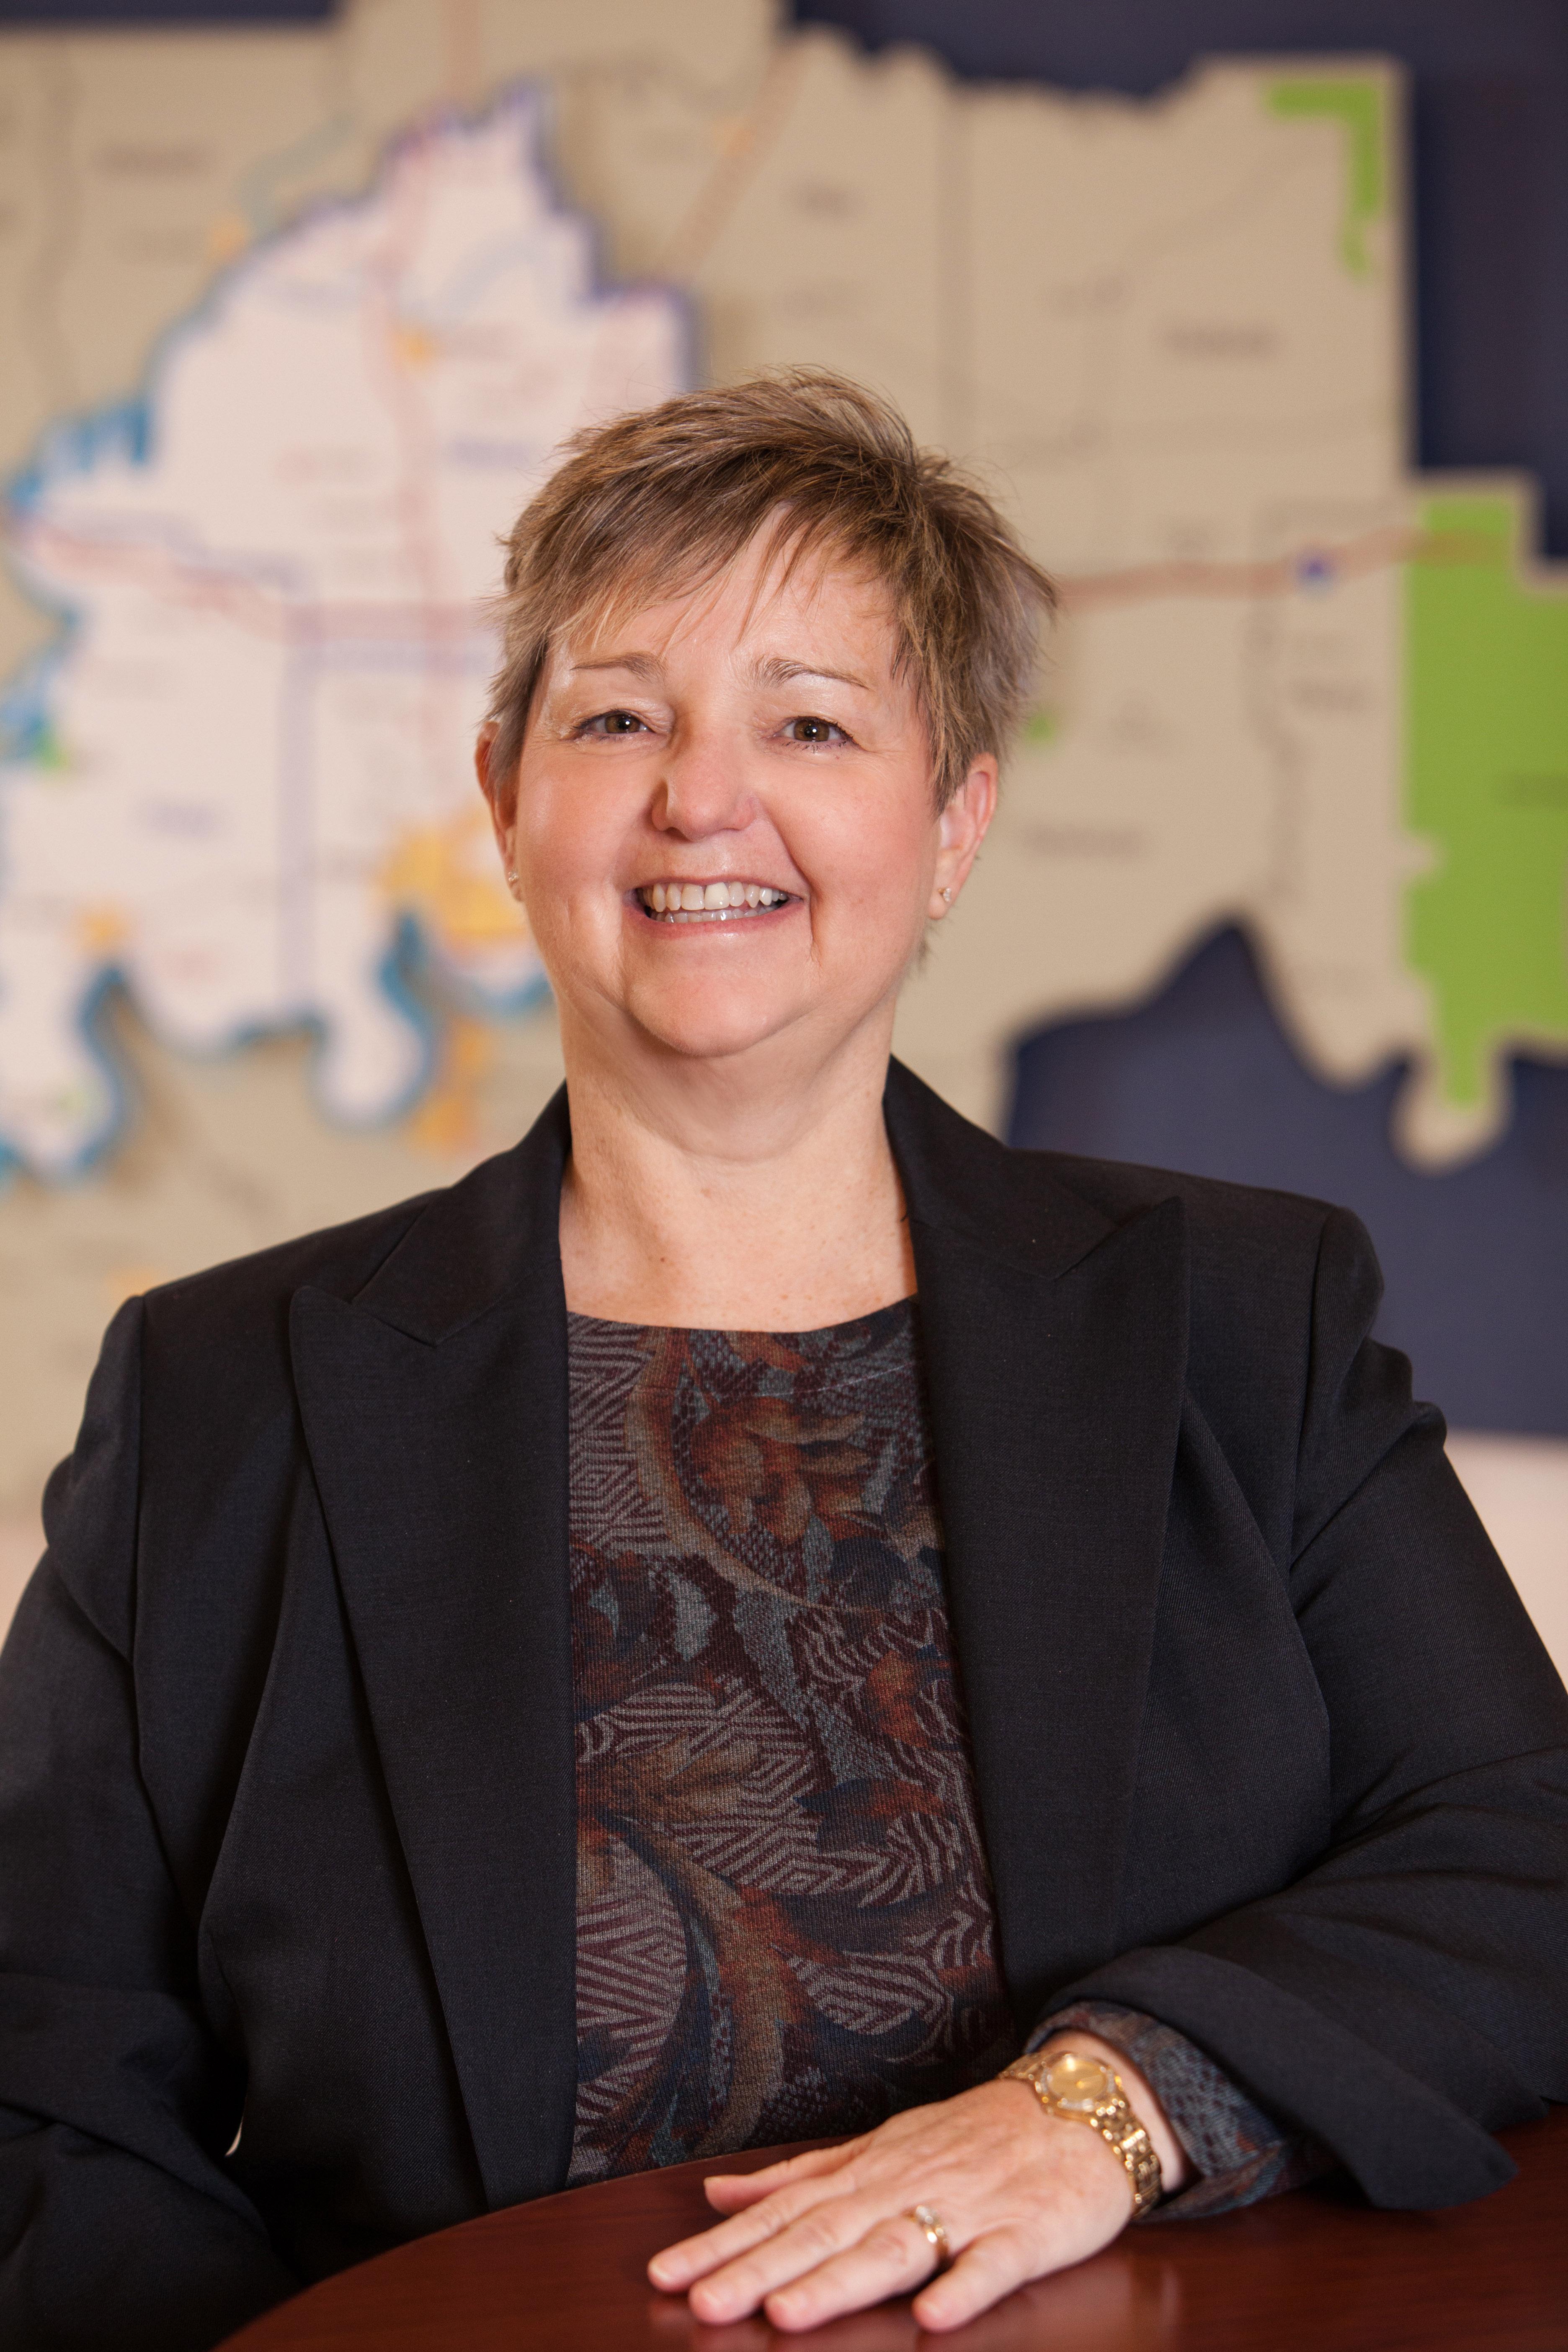 Julie Folz